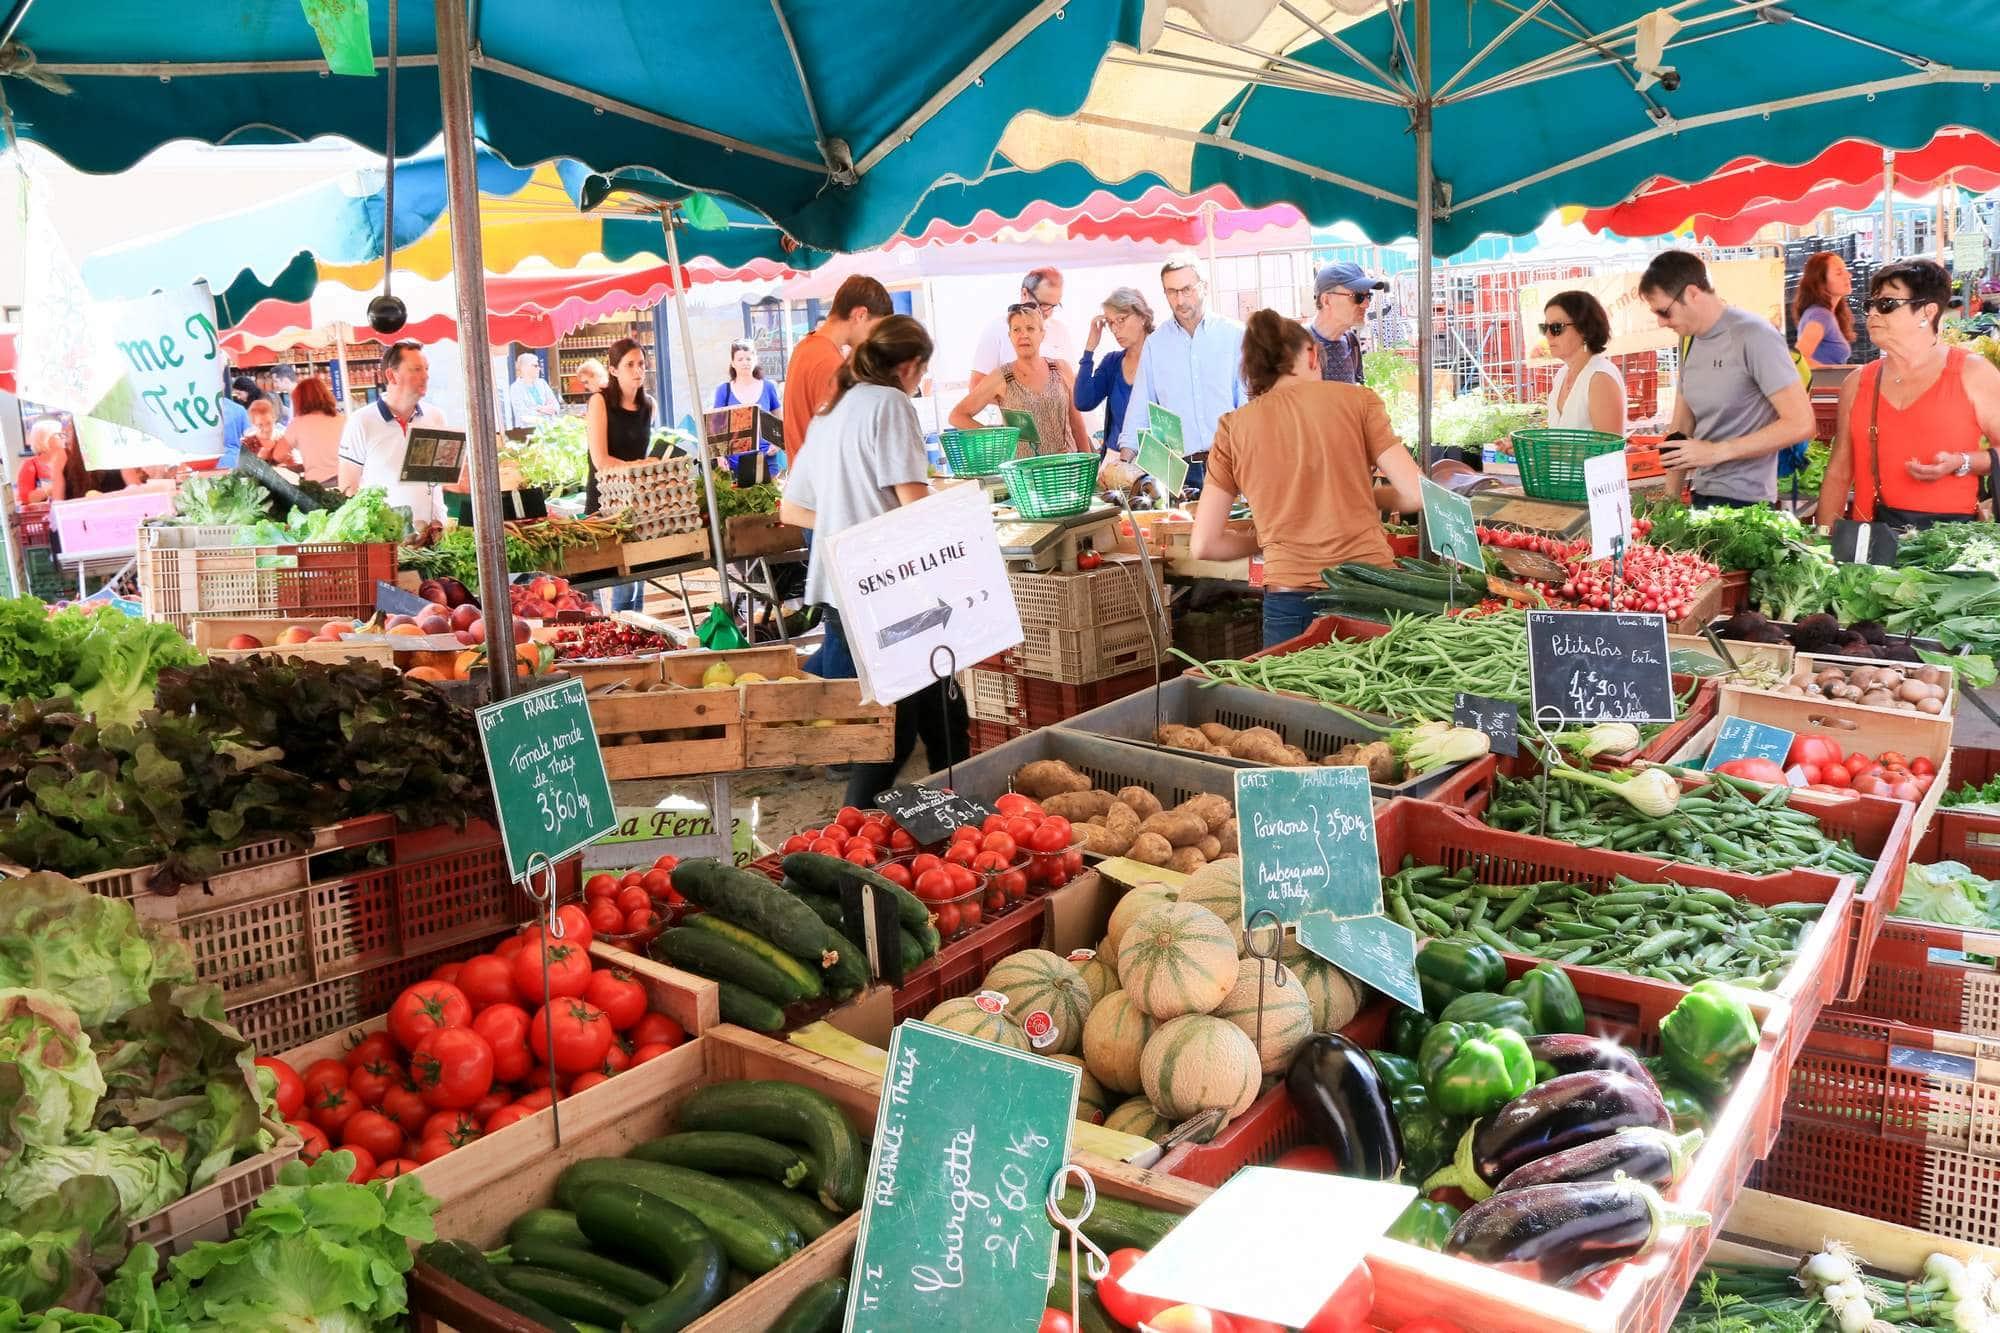 De nombreux producteurs locaux vendent leurs produits en direct sur le marché de Vannes © Loïc KERSUZAN - Morbihan Tourisme